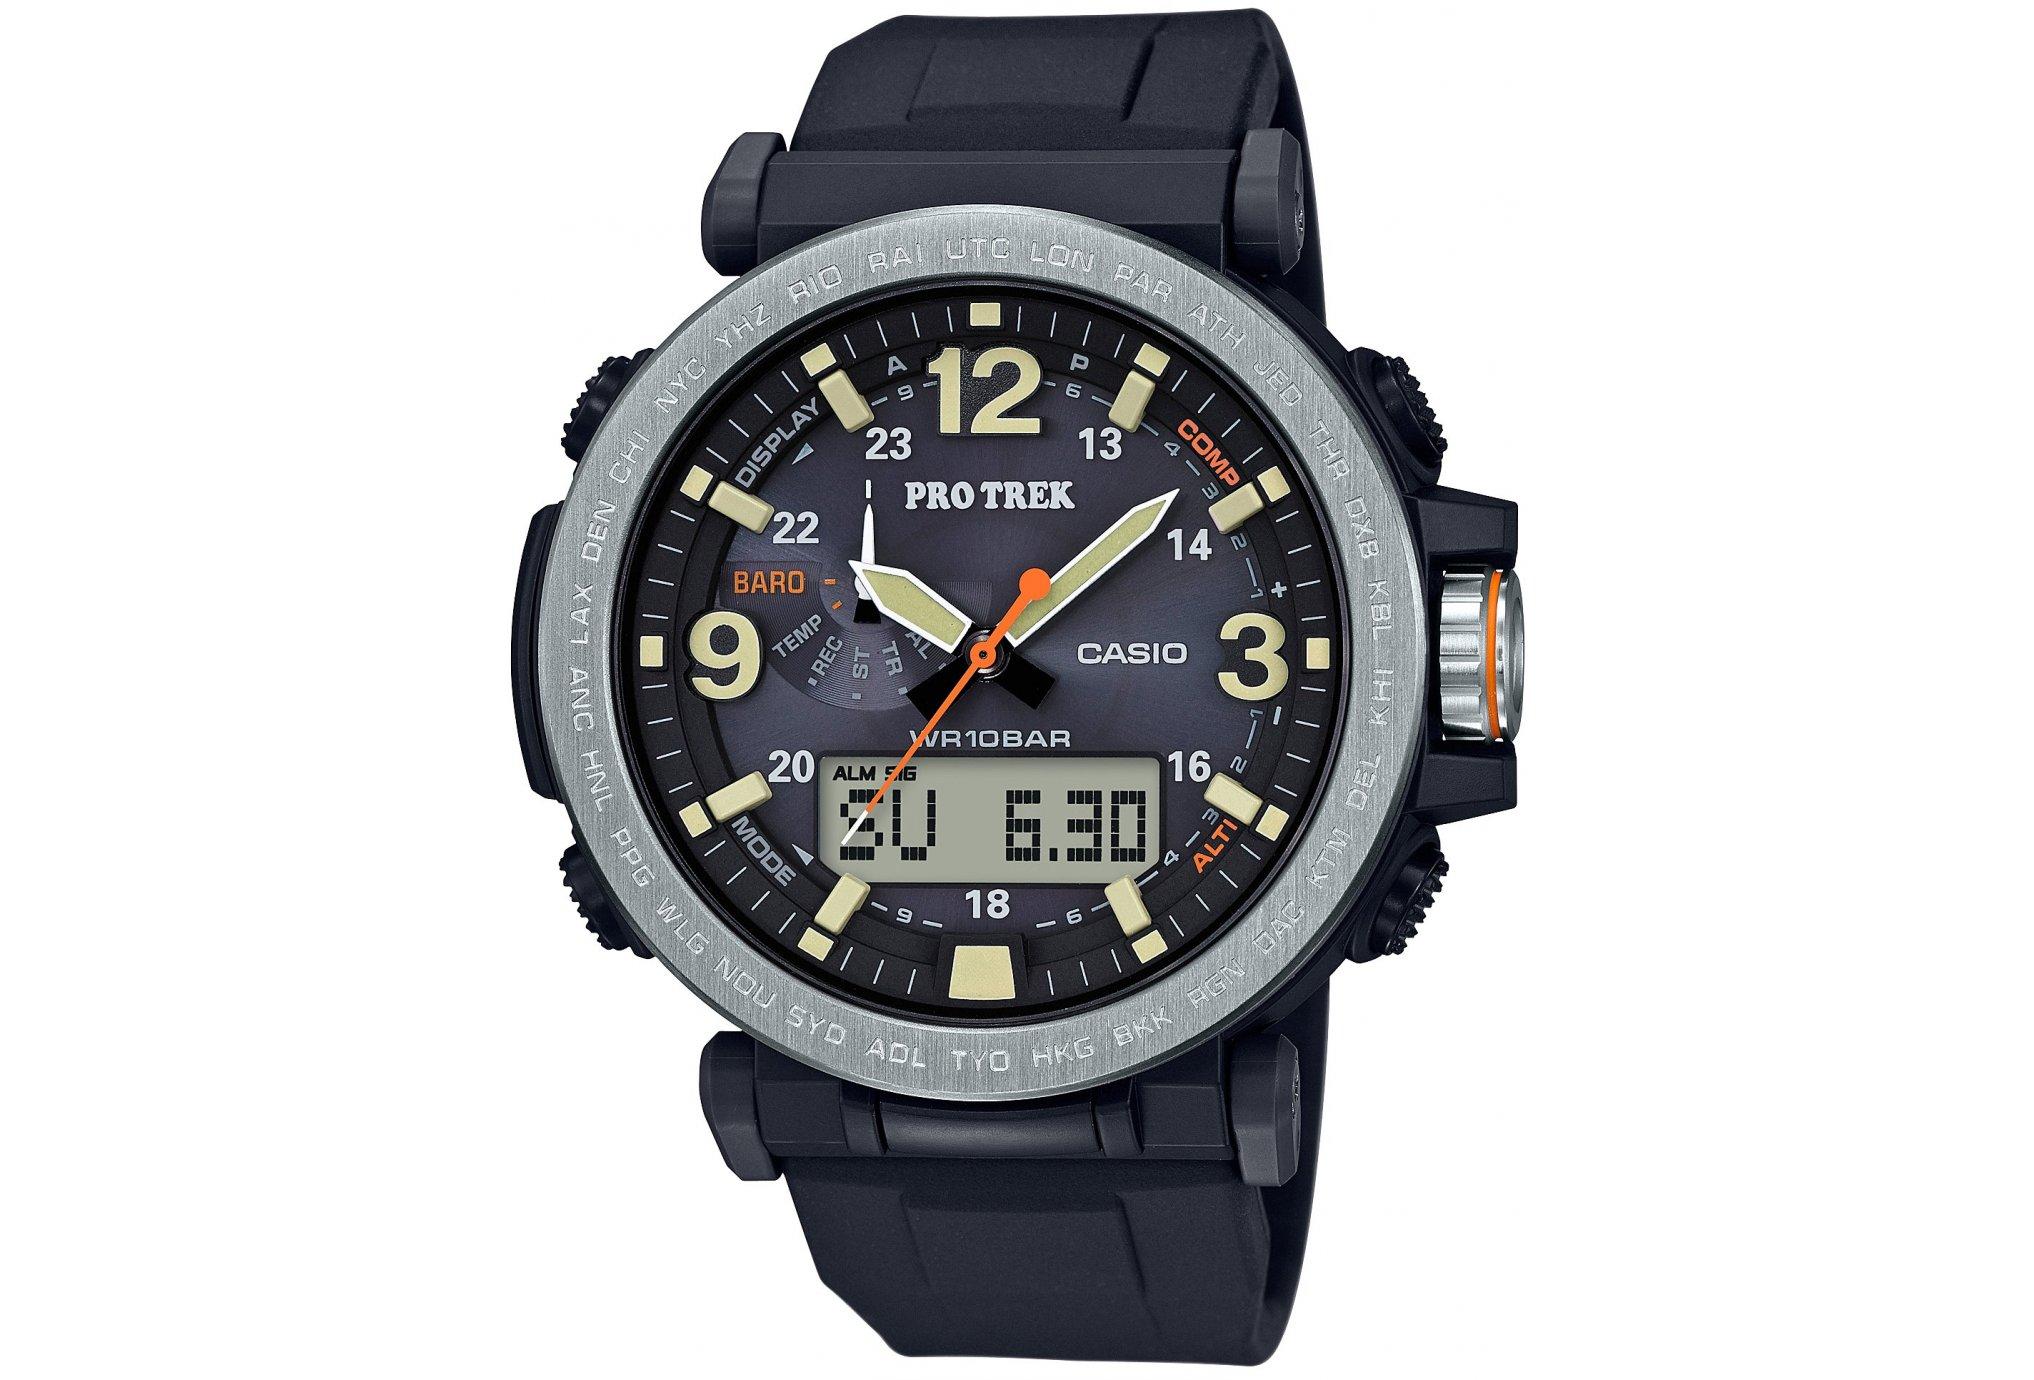 Casio Pro trek prg-600 montres de sport